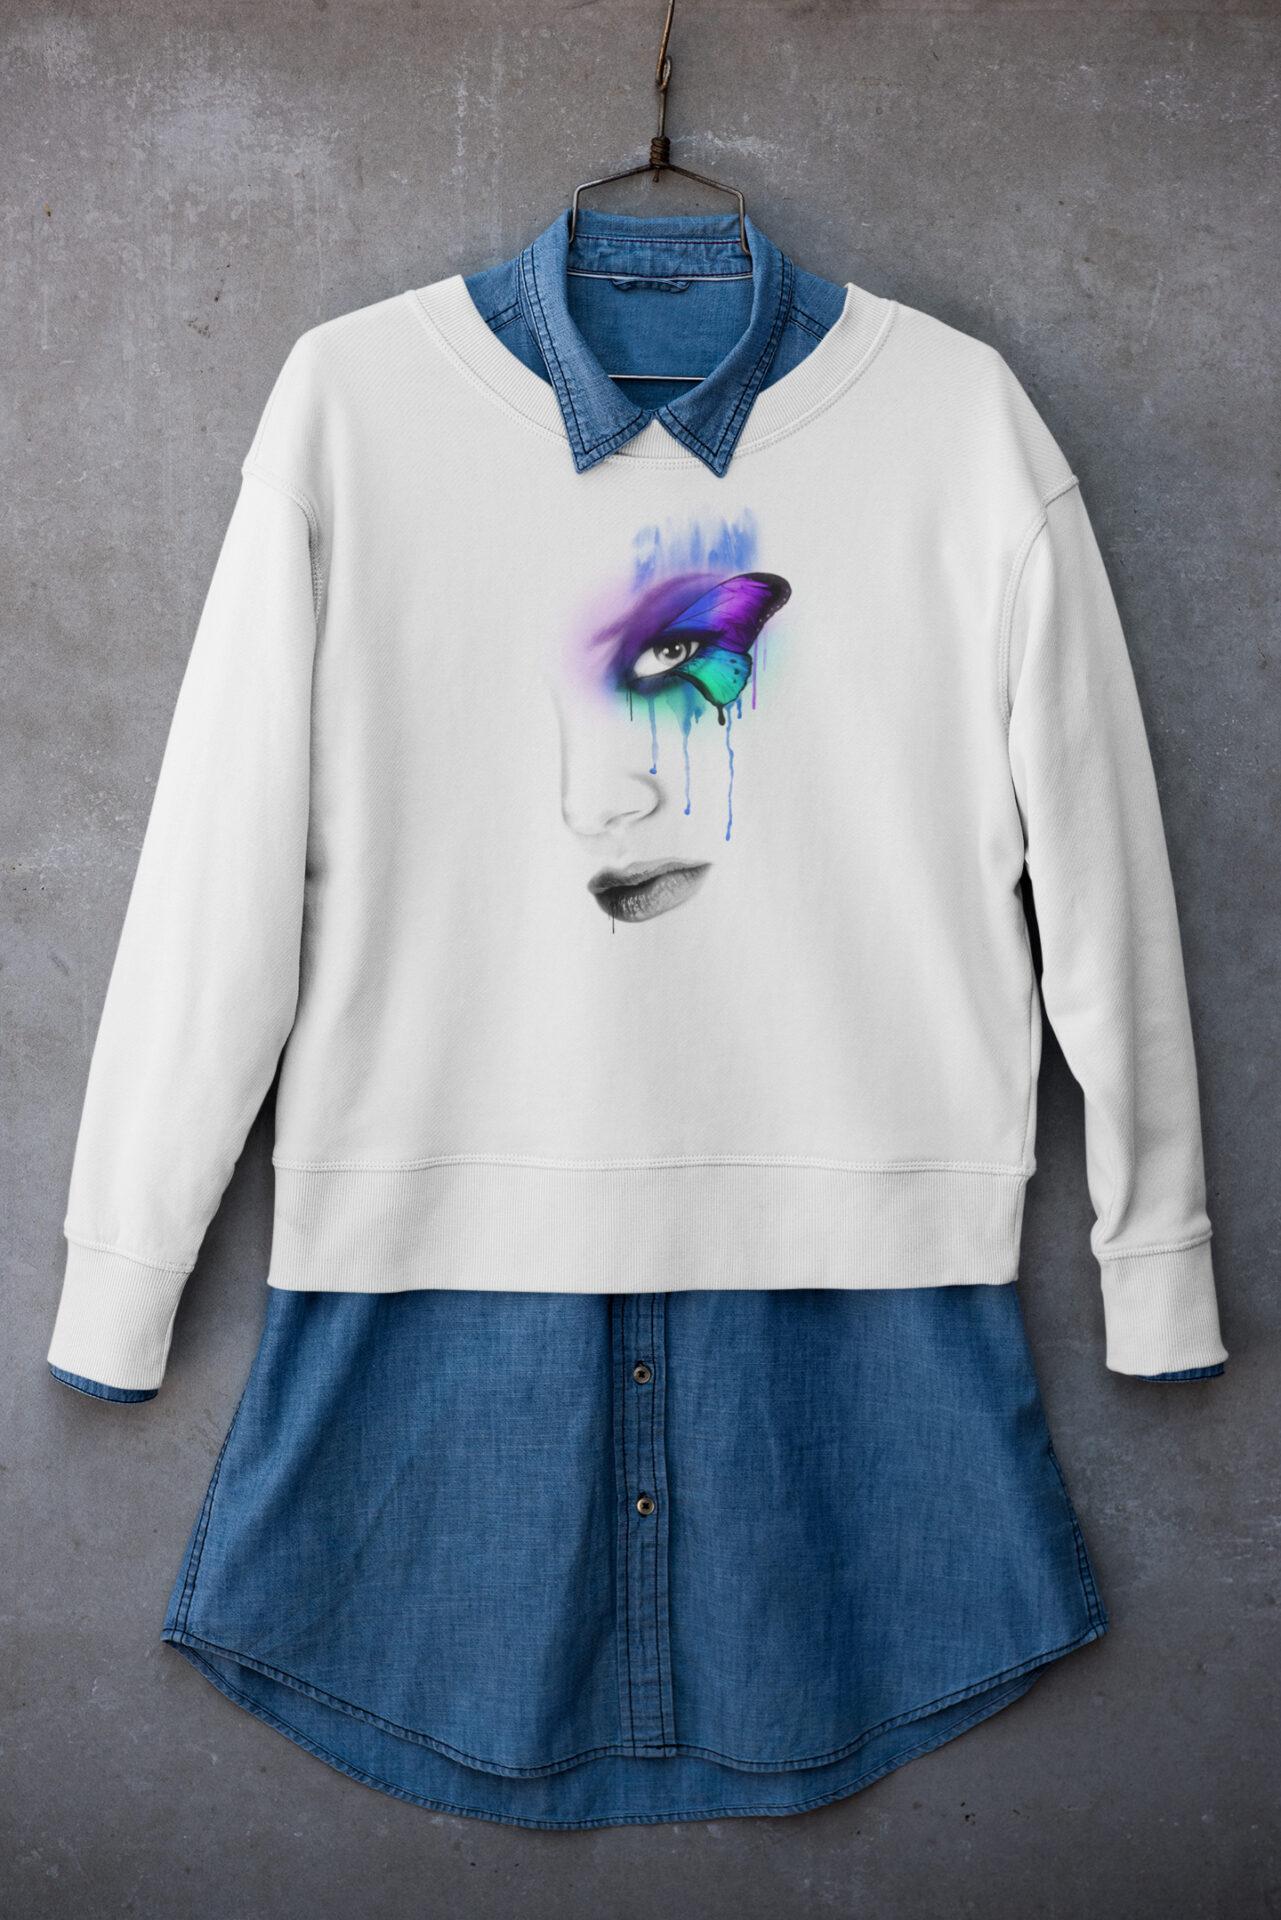 Sweatshirt Schmetterling im Auge weiß aus hochwertiger Bio-Baumwolle mit Motiv